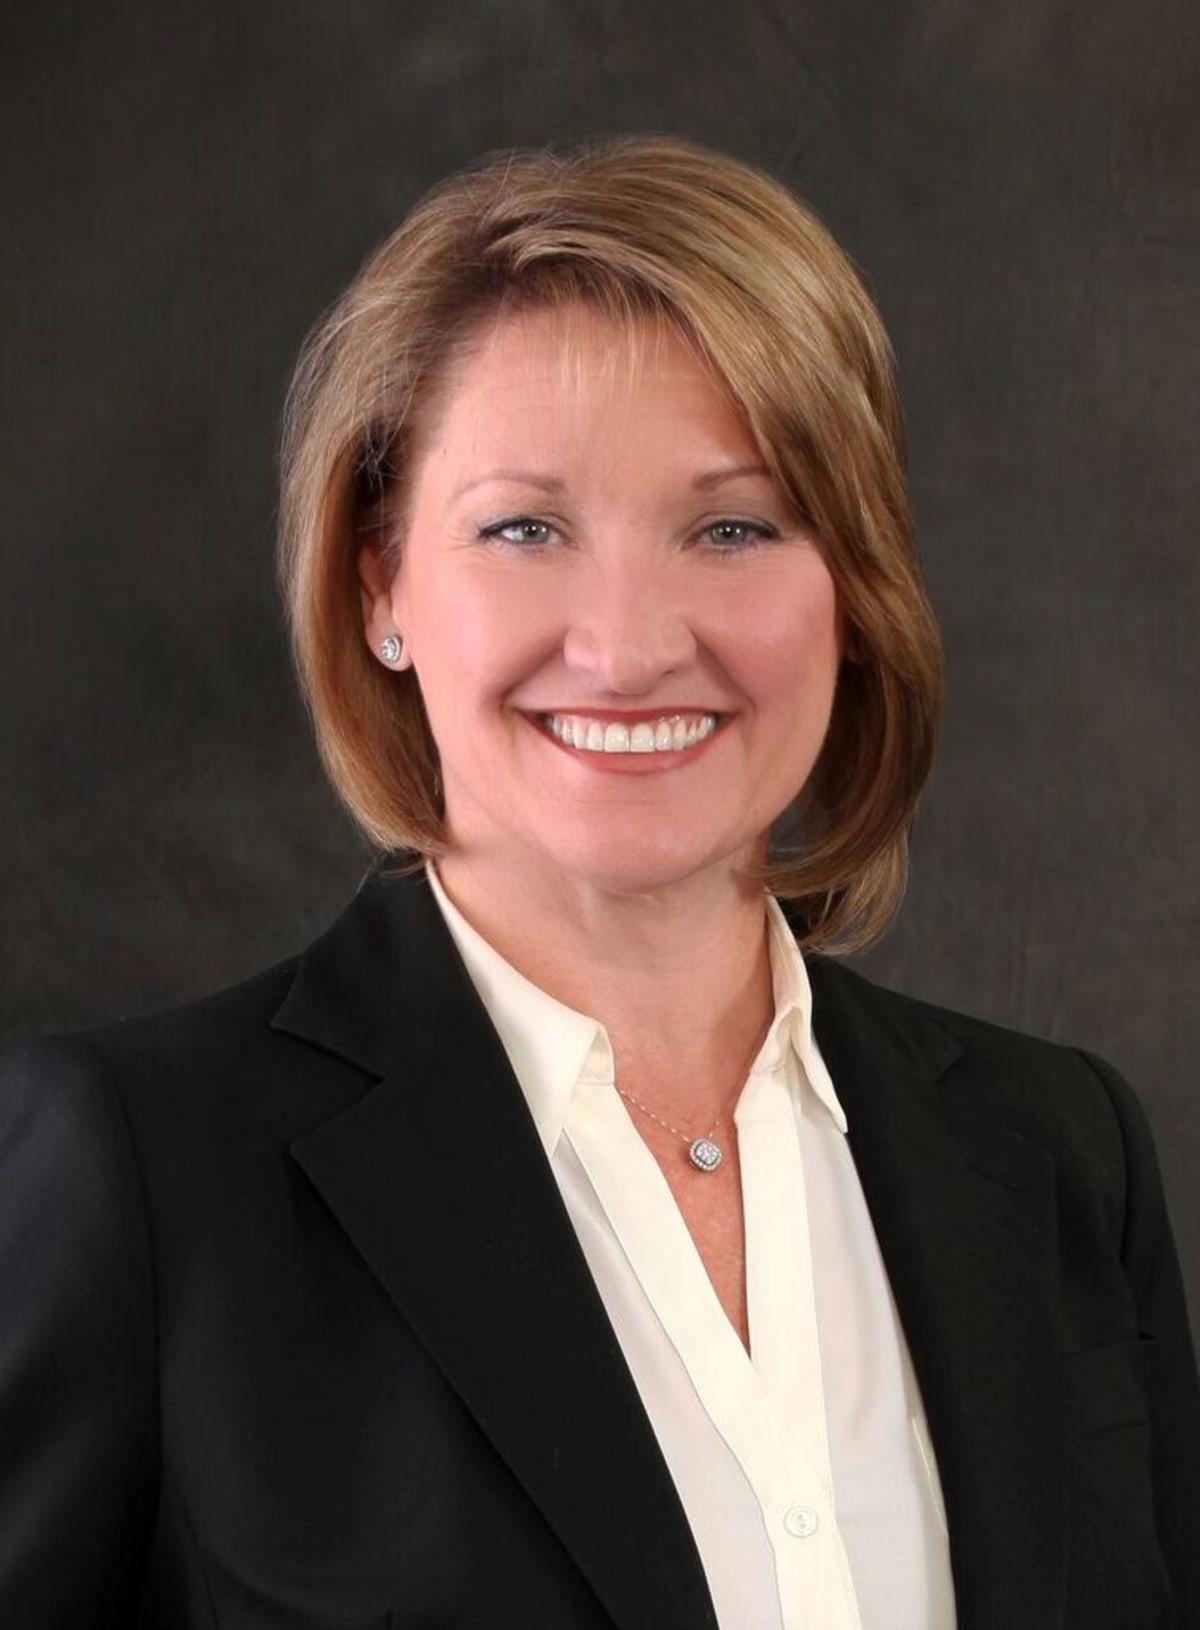 Lisa Moncure